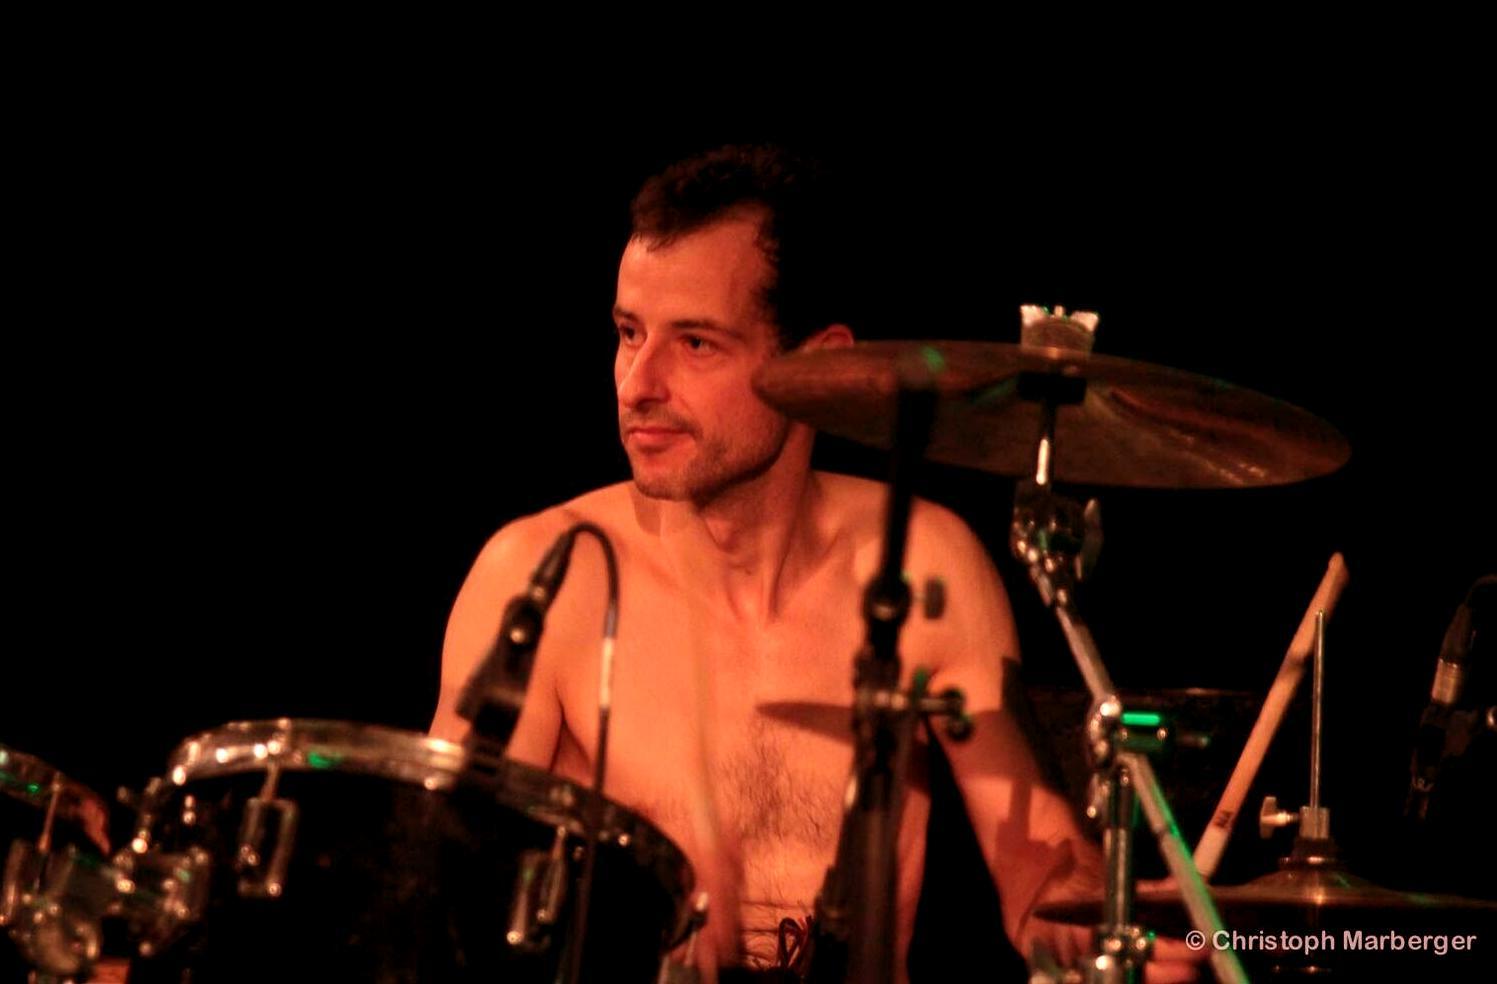 Pemmel Anguish Force Livestage 54 - PEMMEL - drums - band